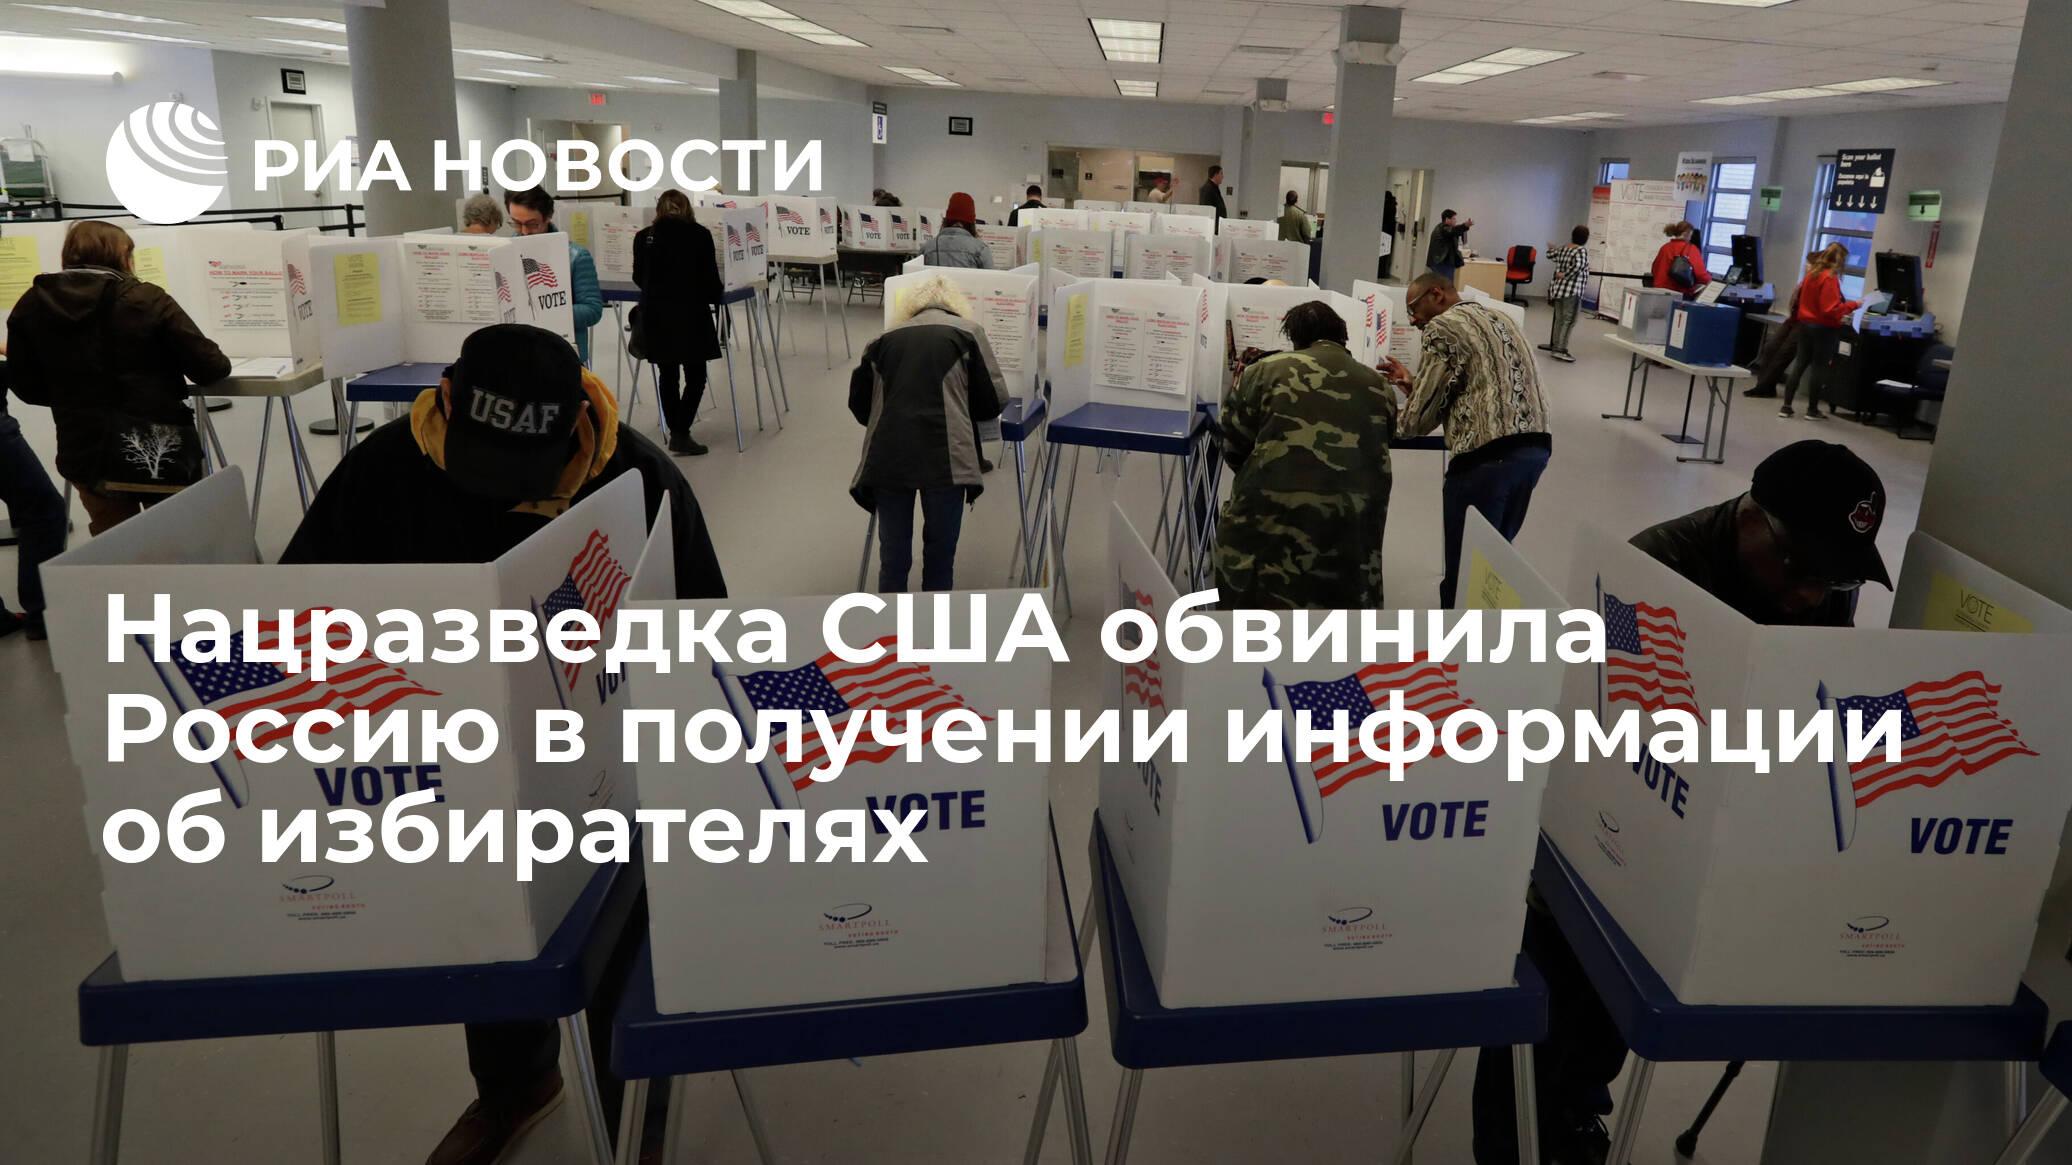 Нацразведка США обвинила Россию в получении информации об избирателях